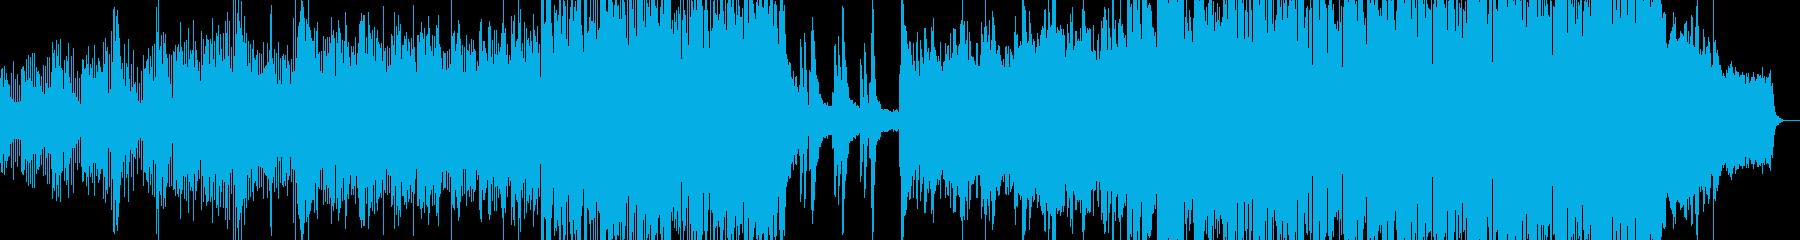 90'sのゲーム音楽の再生済みの波形